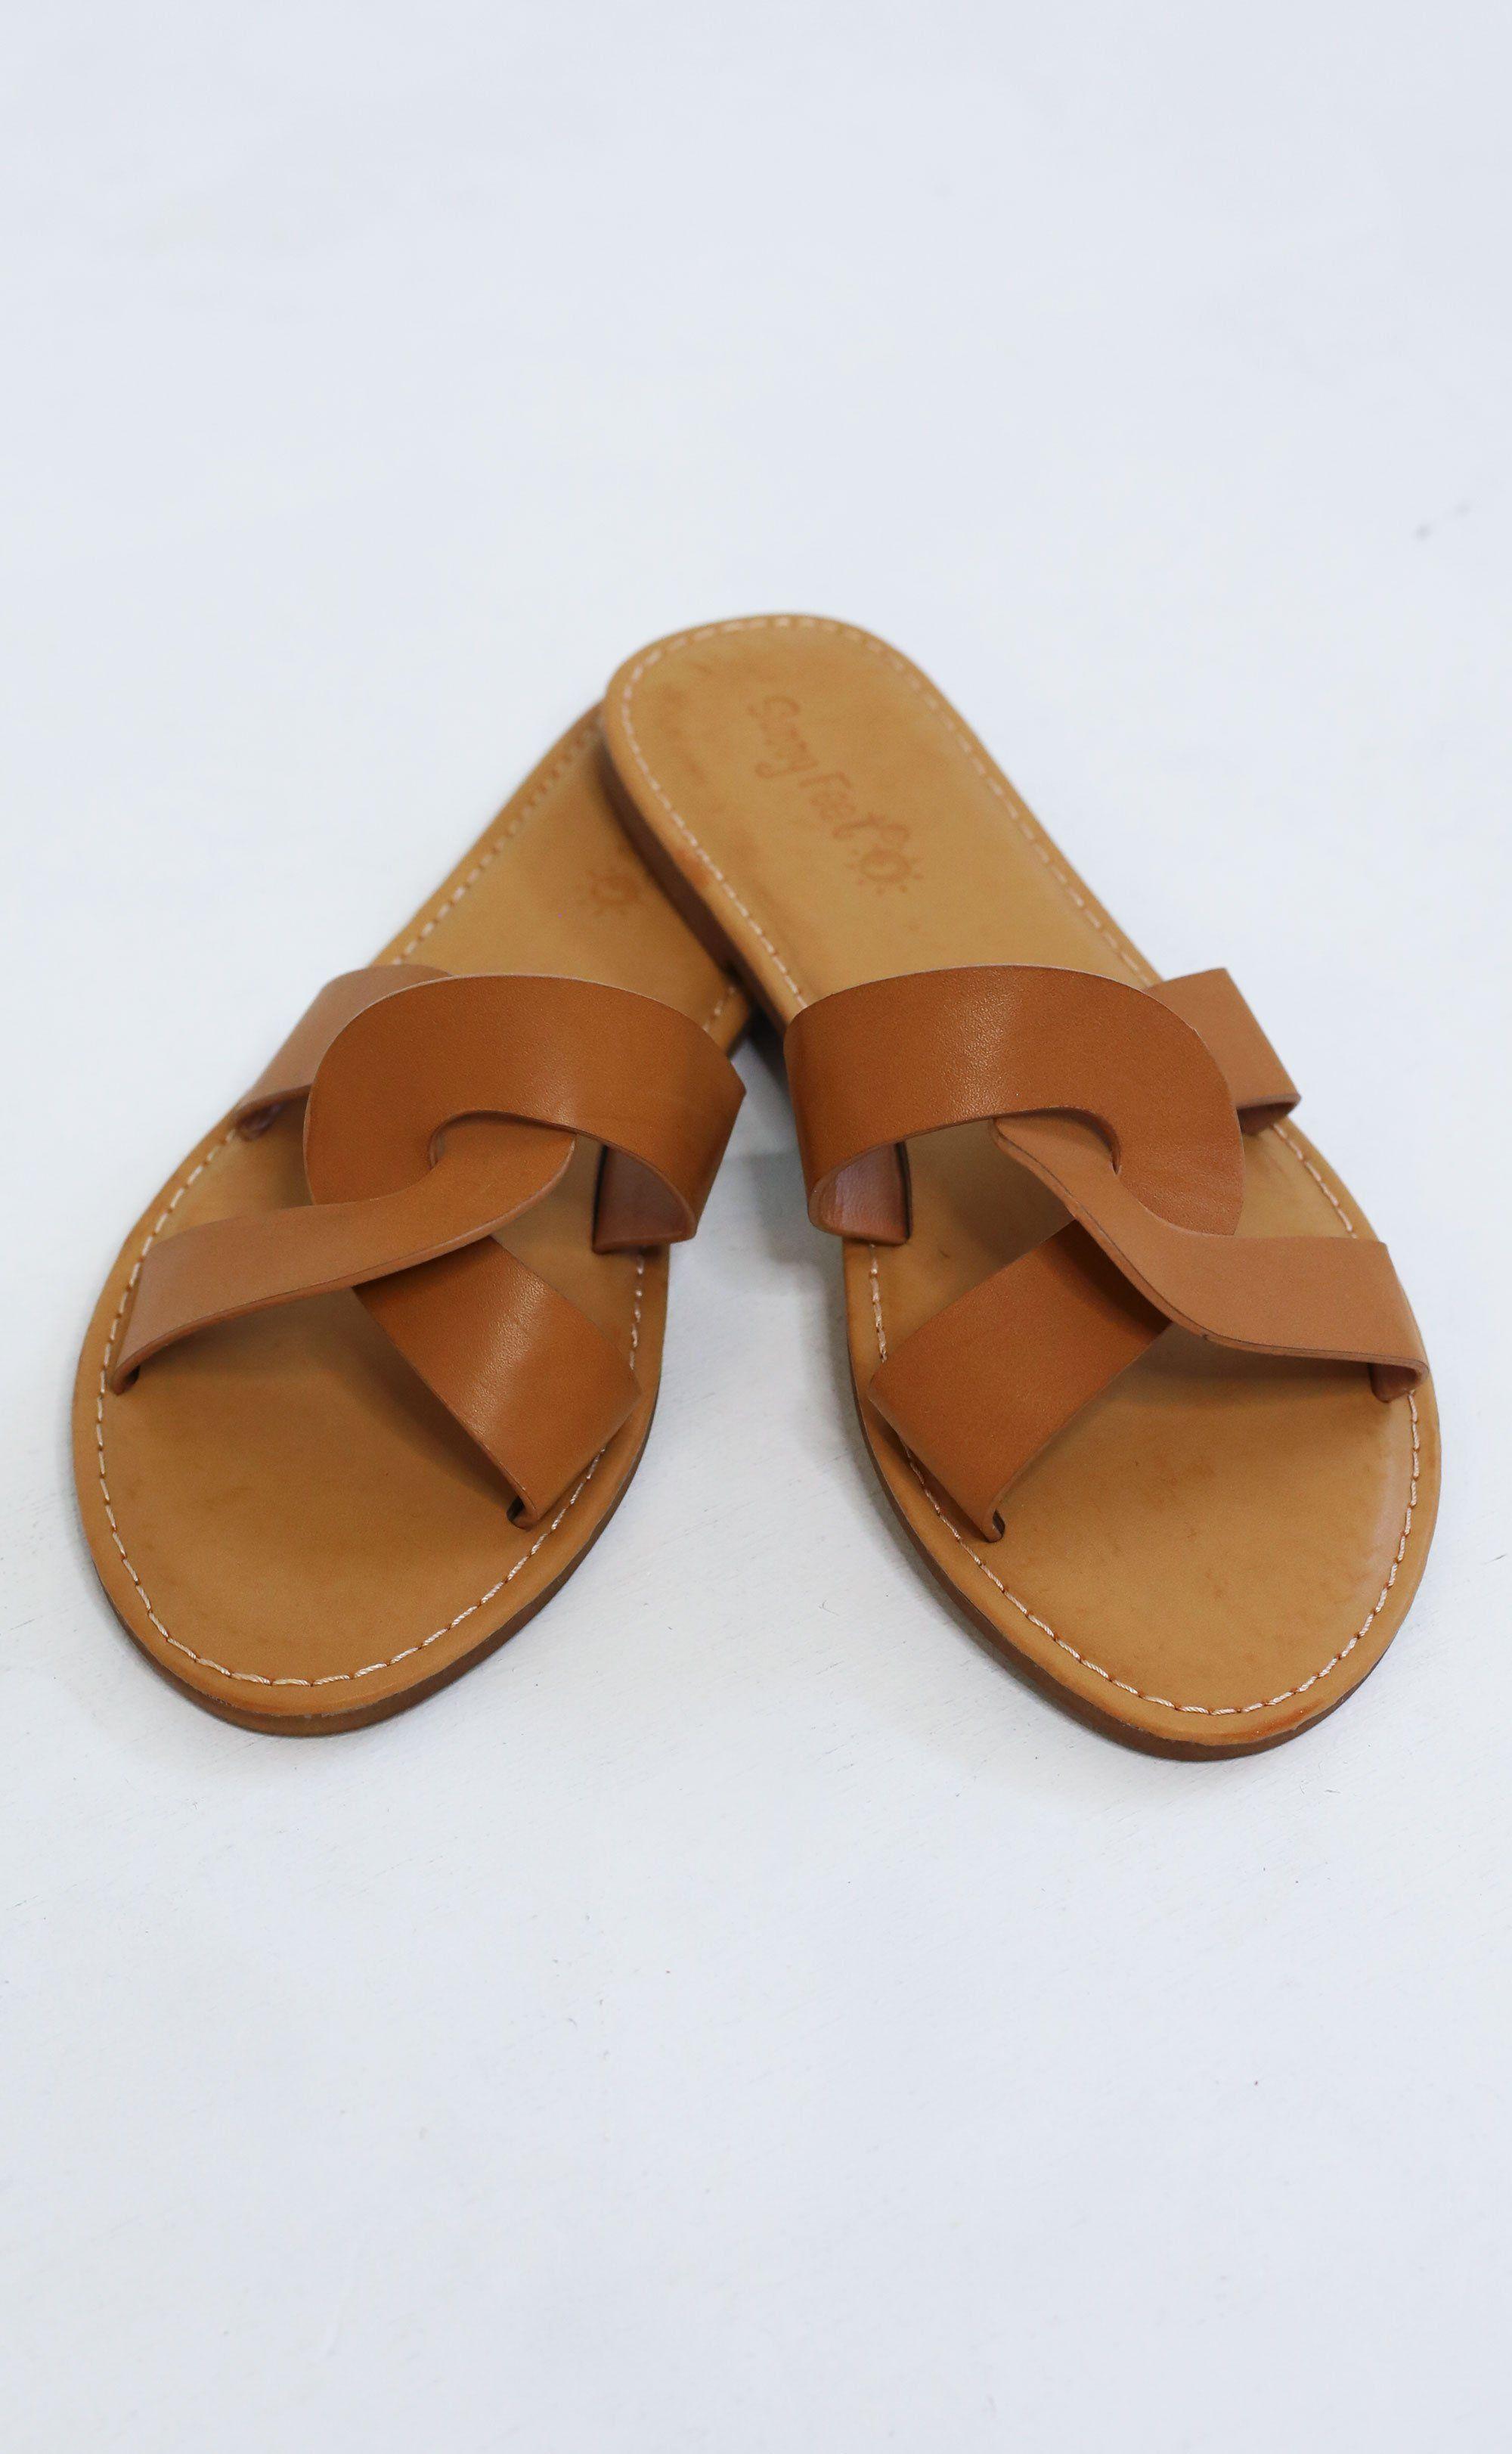 sandal   Slip on sandal, Sandals, Slip